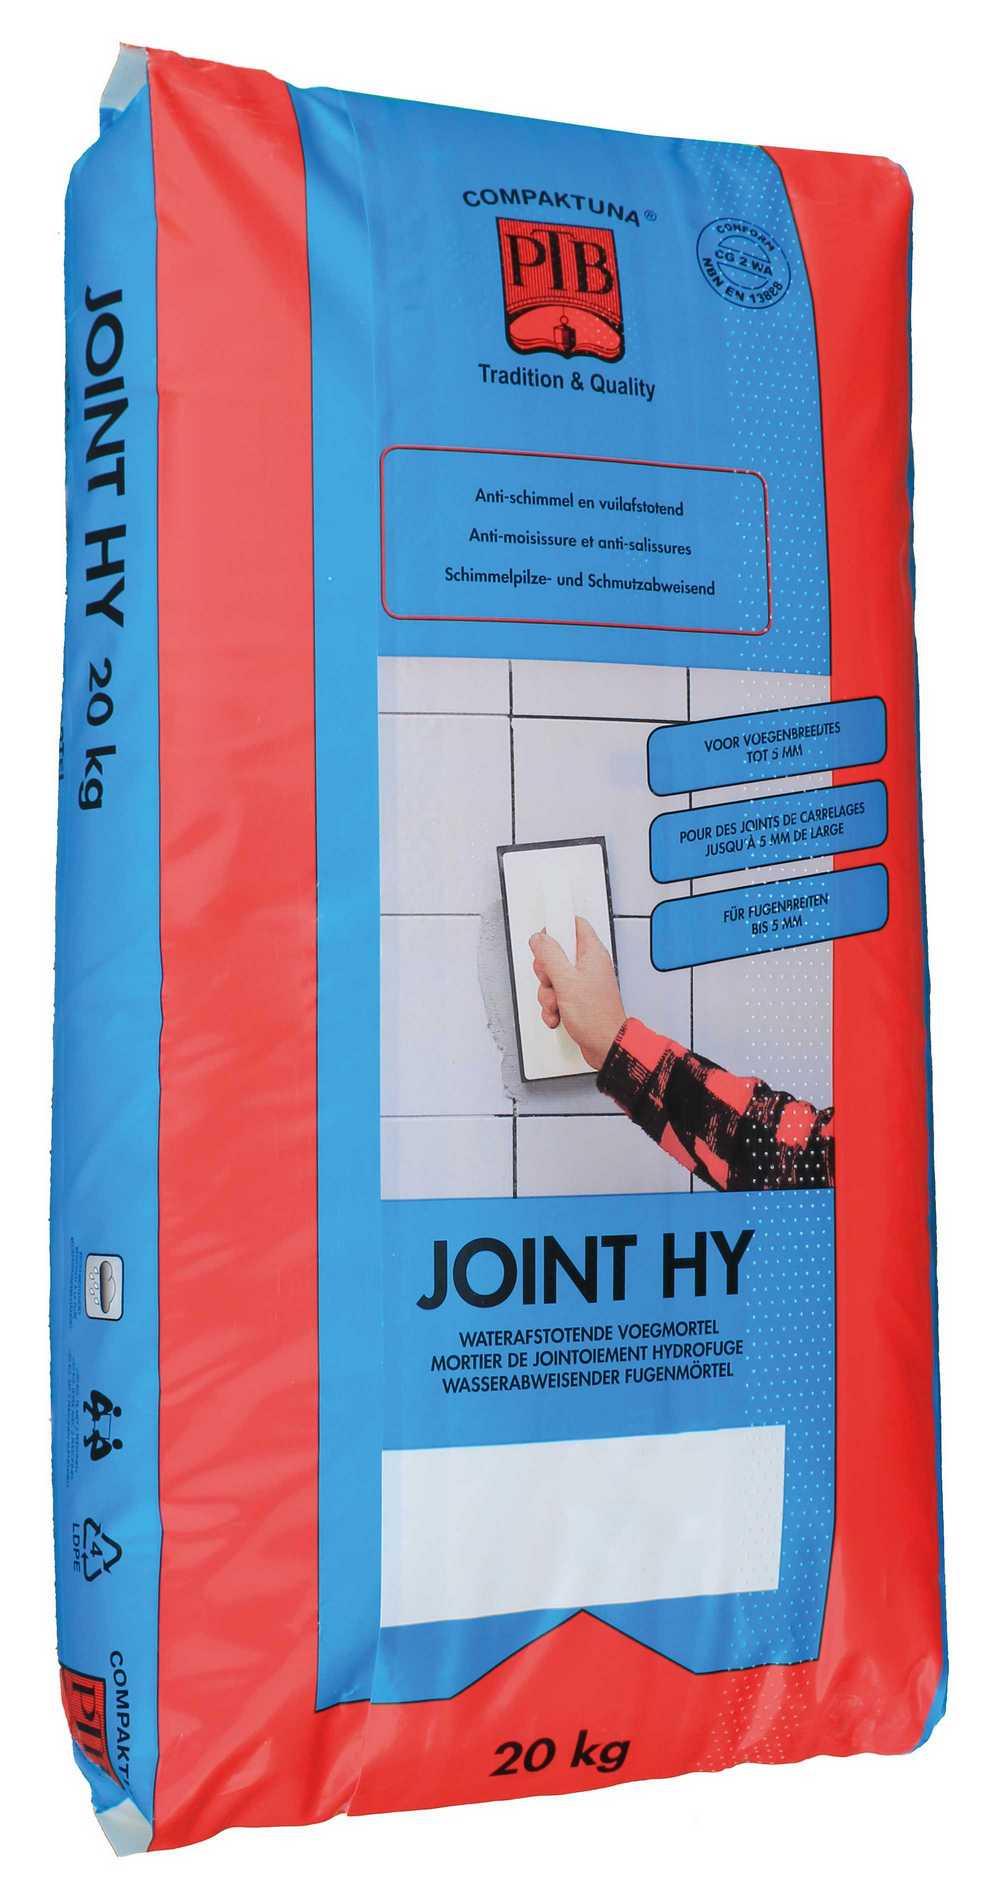 P.t.b.-joint Hy 5kg Cementgrijs